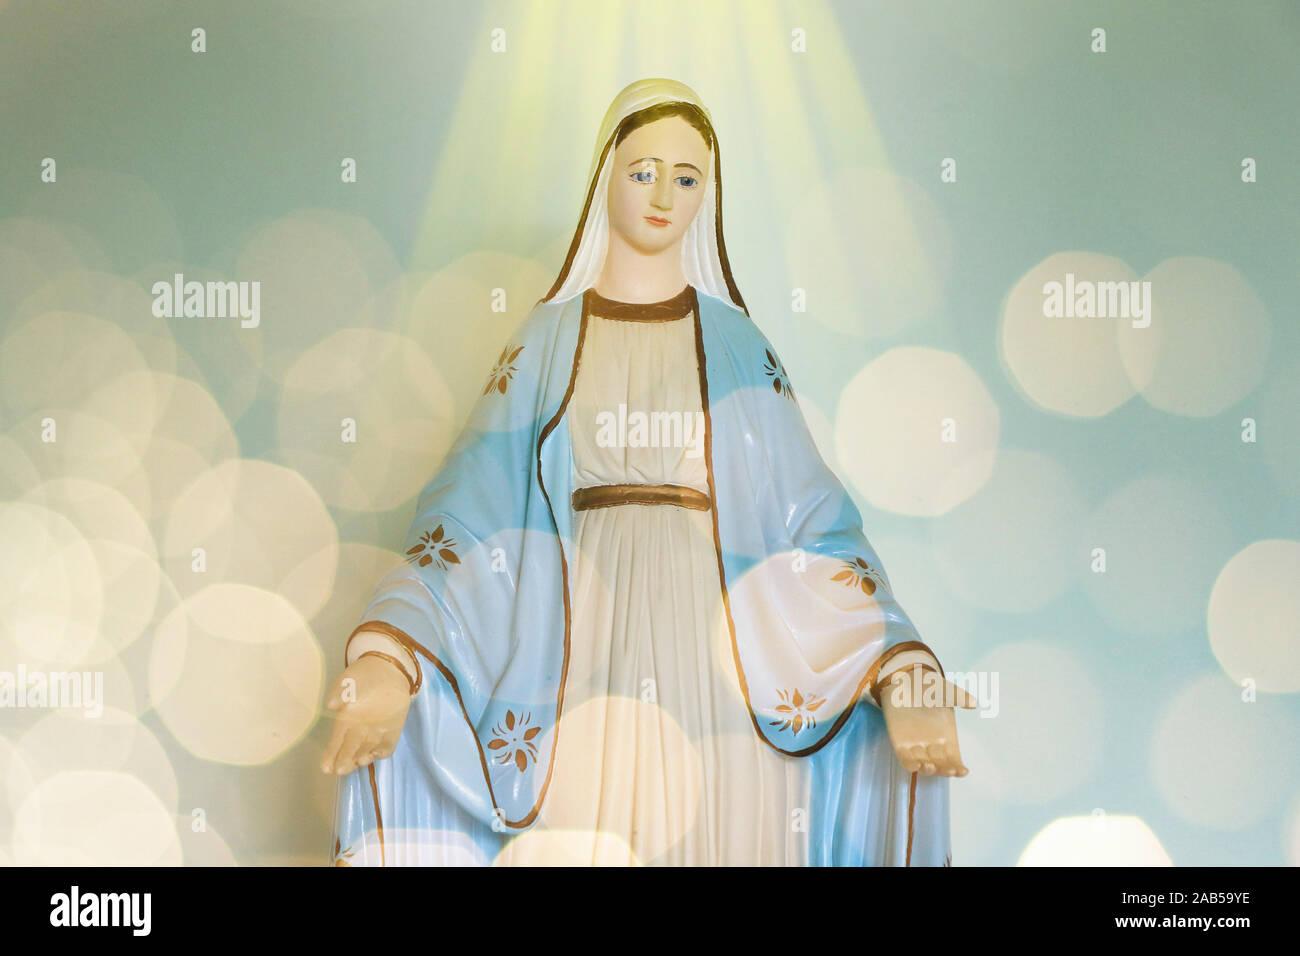 Statue Unserer Lieben Frau von Grace Jungfrau Maria in der Kirche, der Mutter Gottes in der katholischen Religion Stockfoto